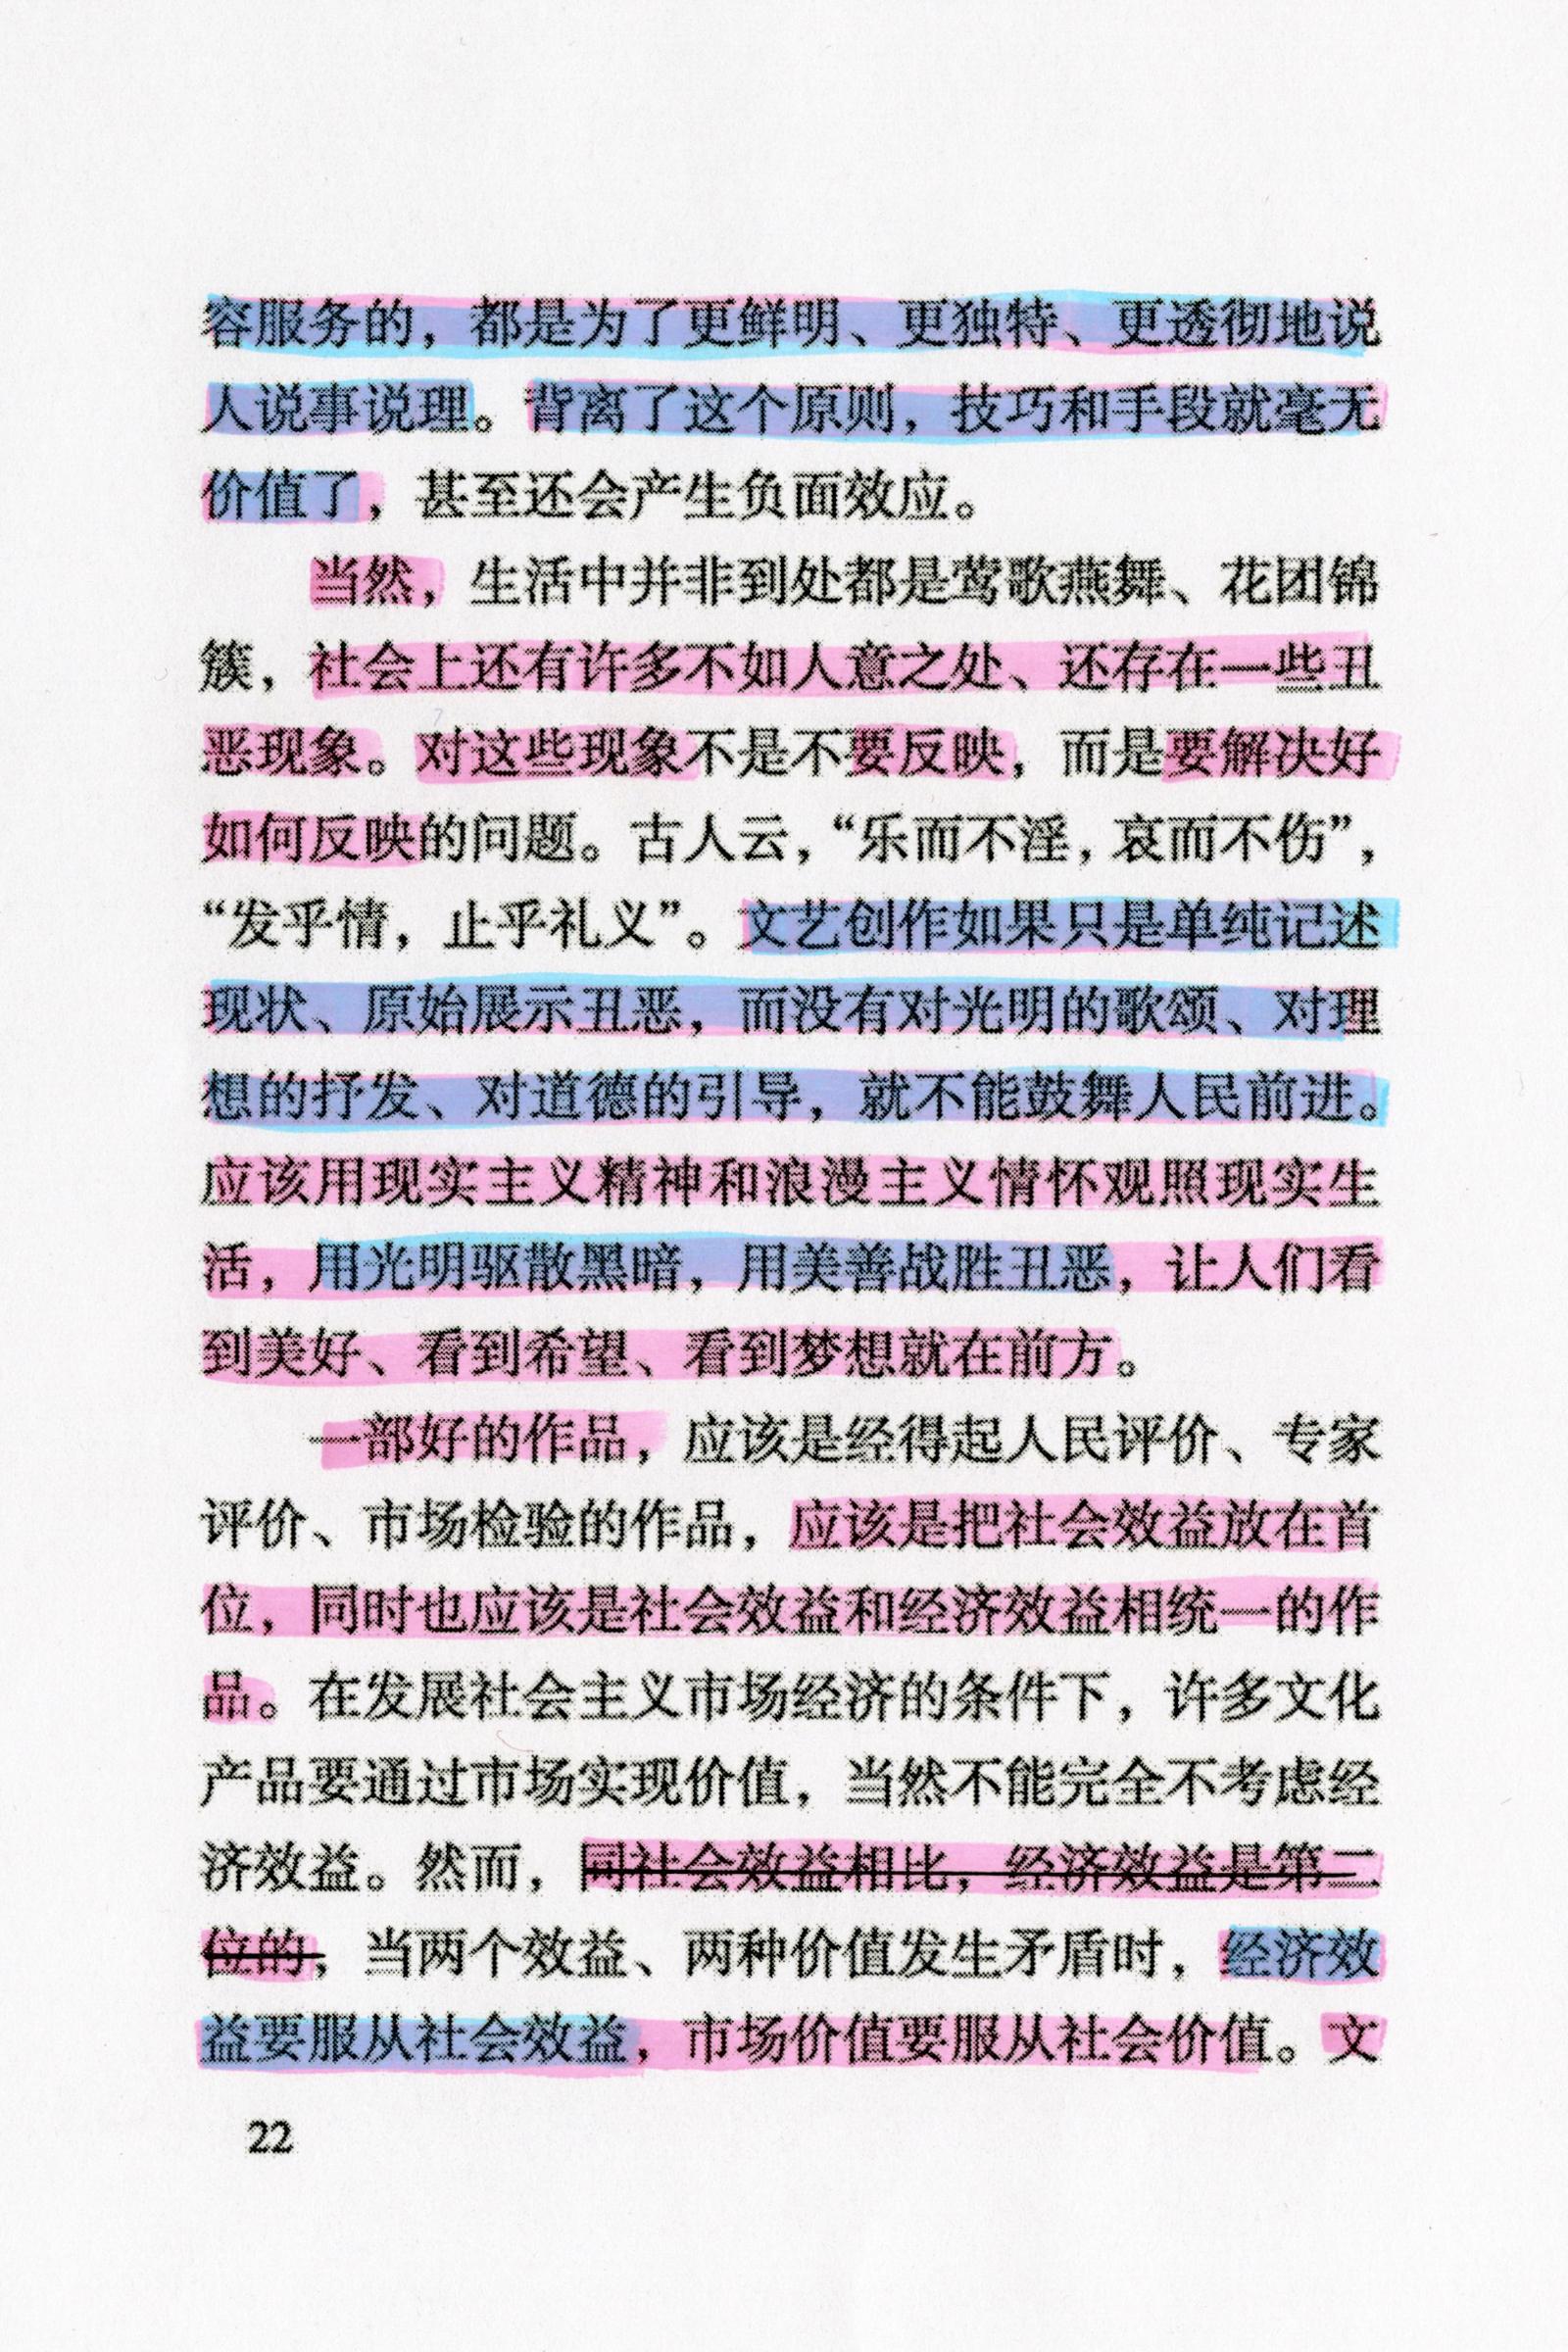 Xi2-3-23.jpg